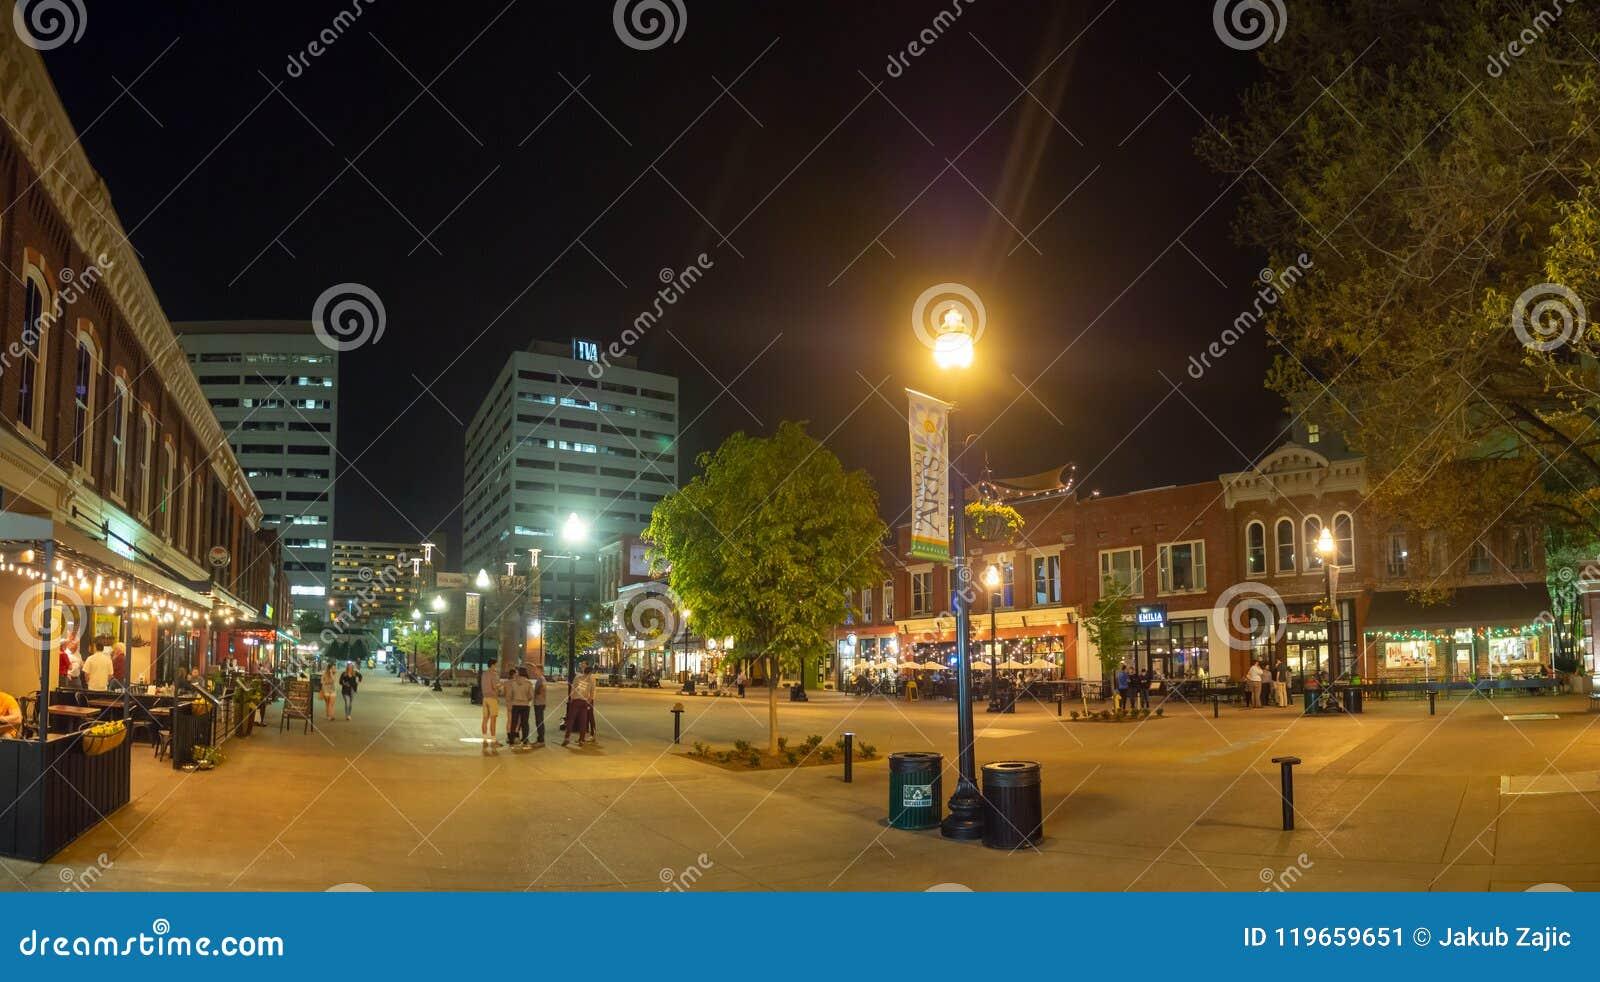 Targowy kwadrat, Knoxville, Tennessee, Stany Zjednoczone Ameryka: [nocy życie w centrum Knoxville]